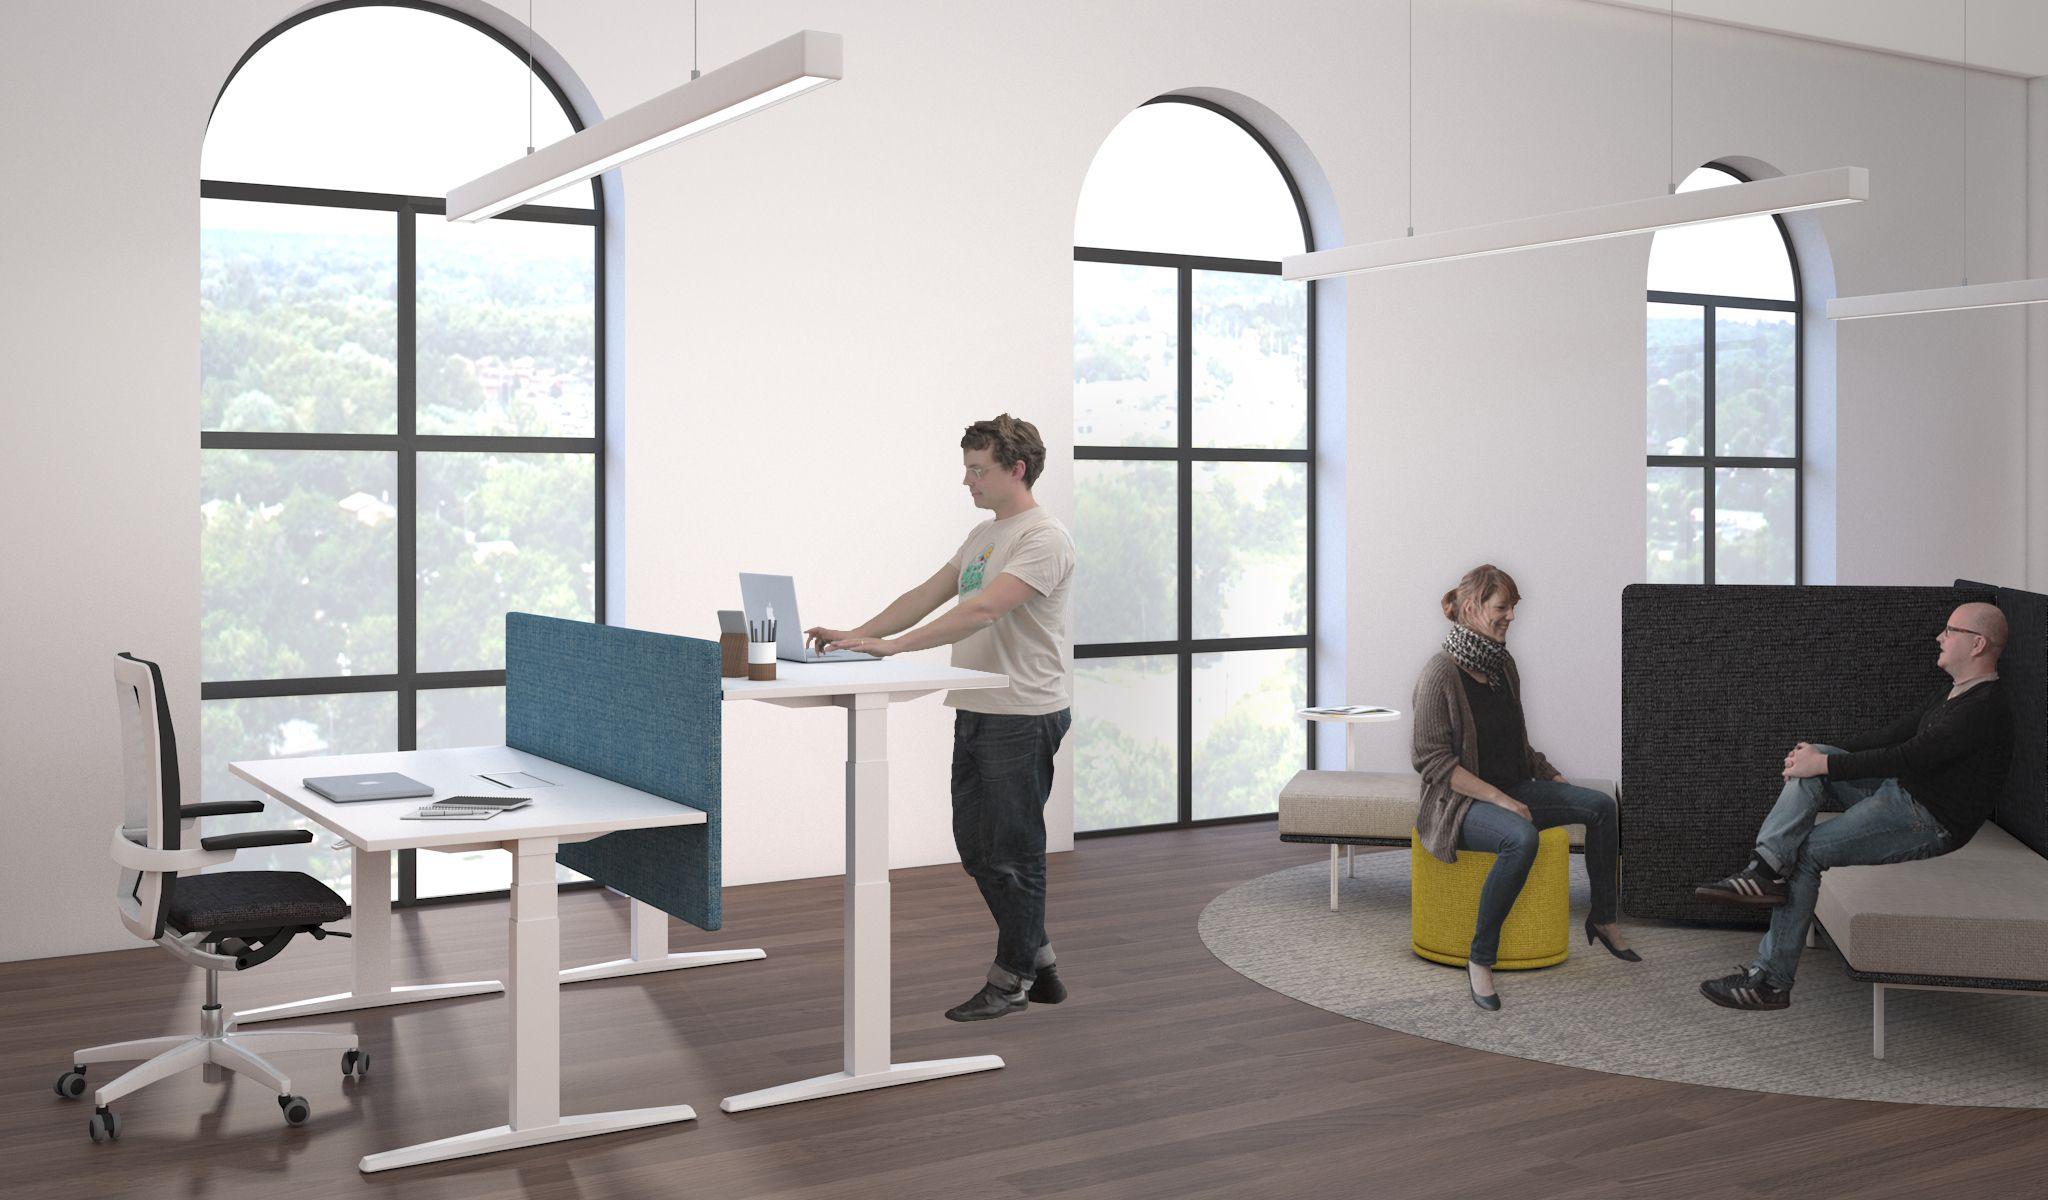 espacios de trabajo saludables 5